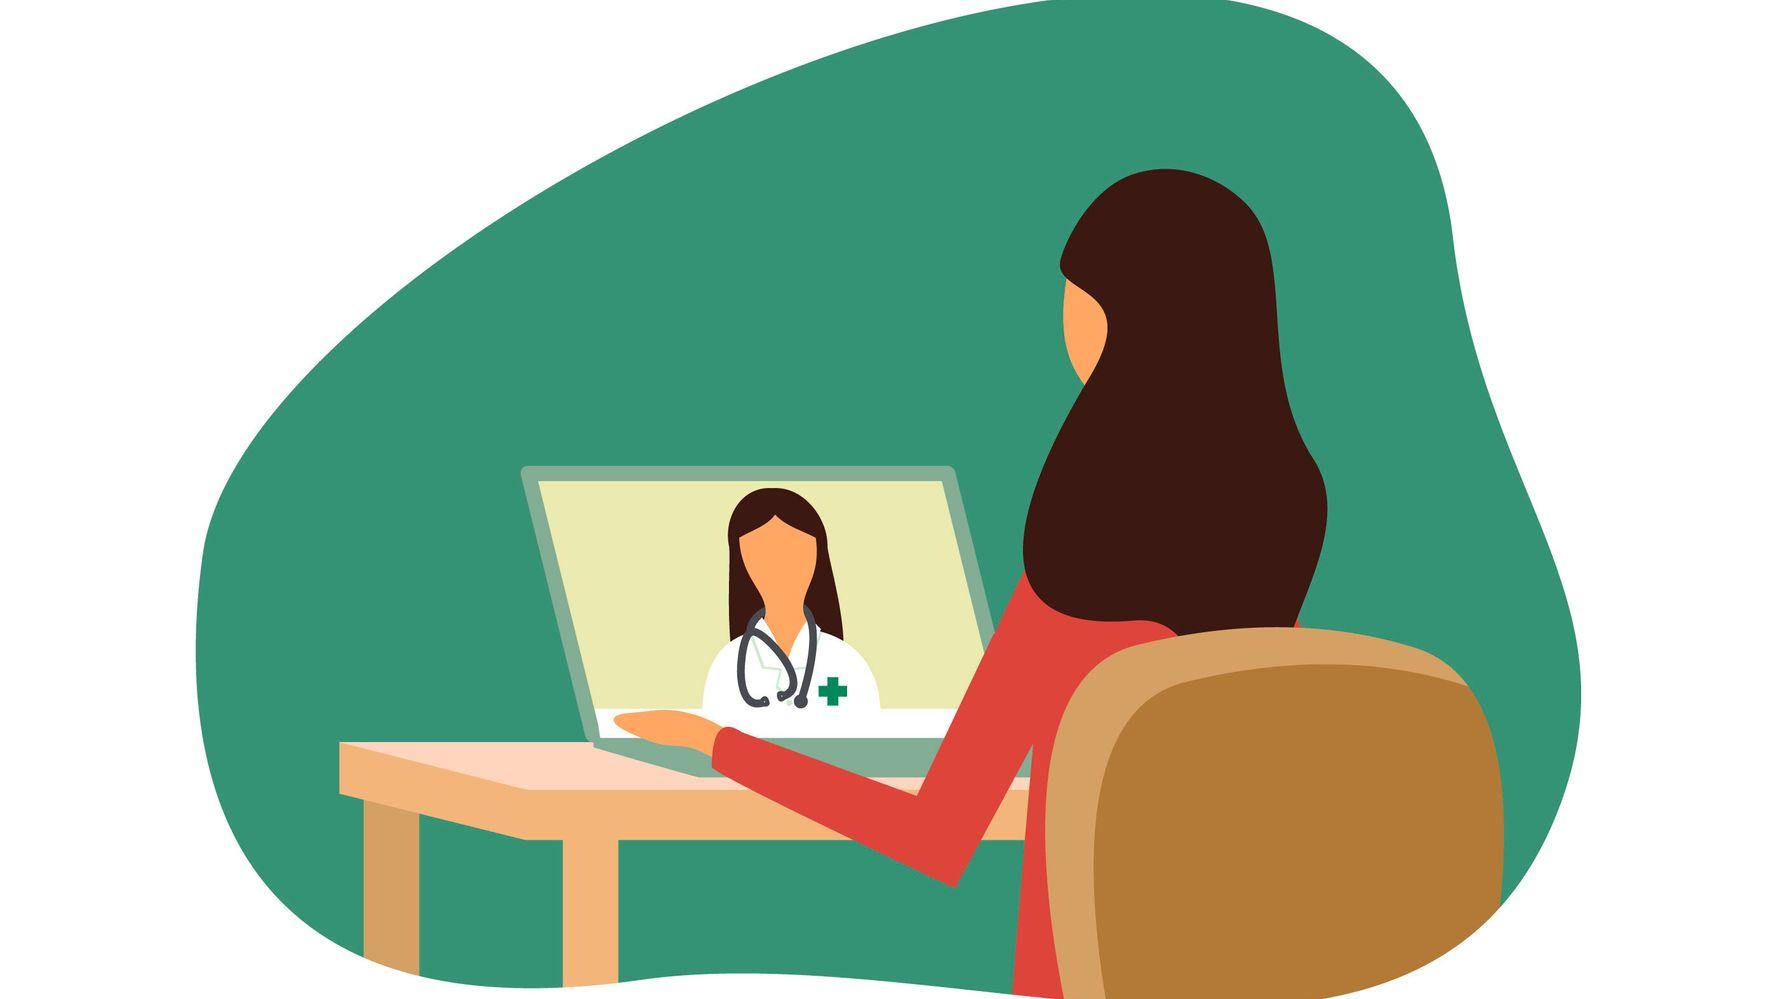 BLOG - Pourquoi la France devrait maintenir l'IVG par téléconsultation au-delà de la pandémie